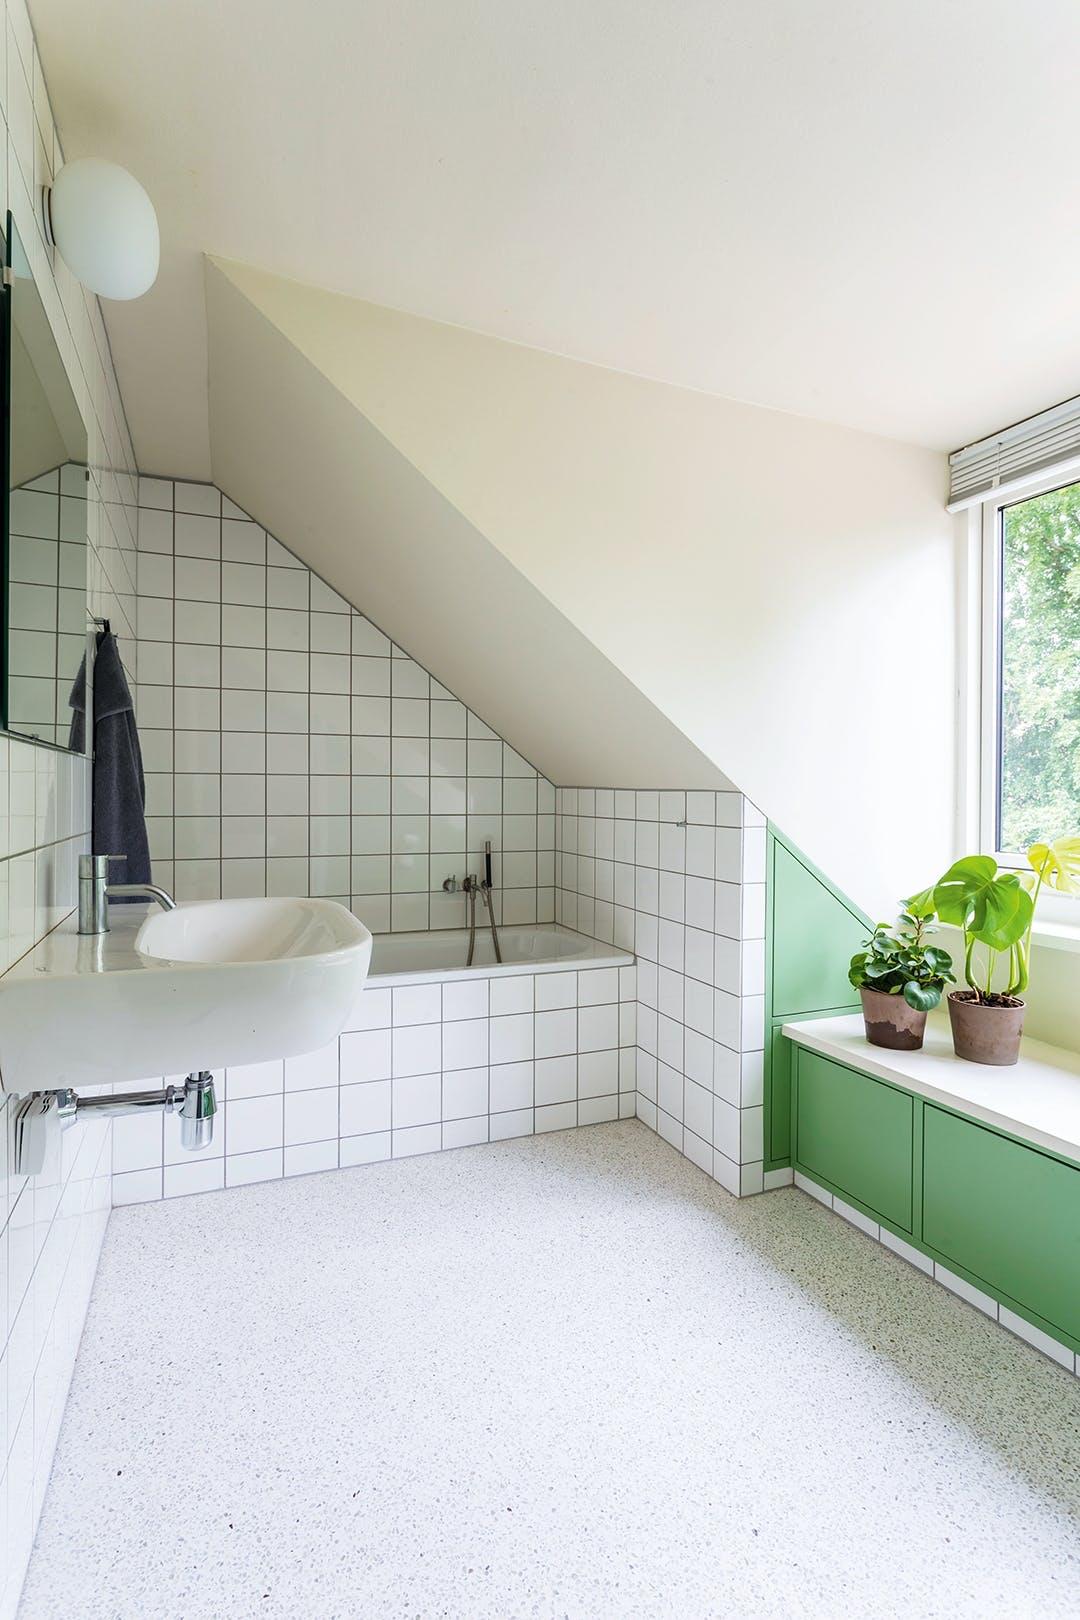 badeværelse badekar klinker smarthome